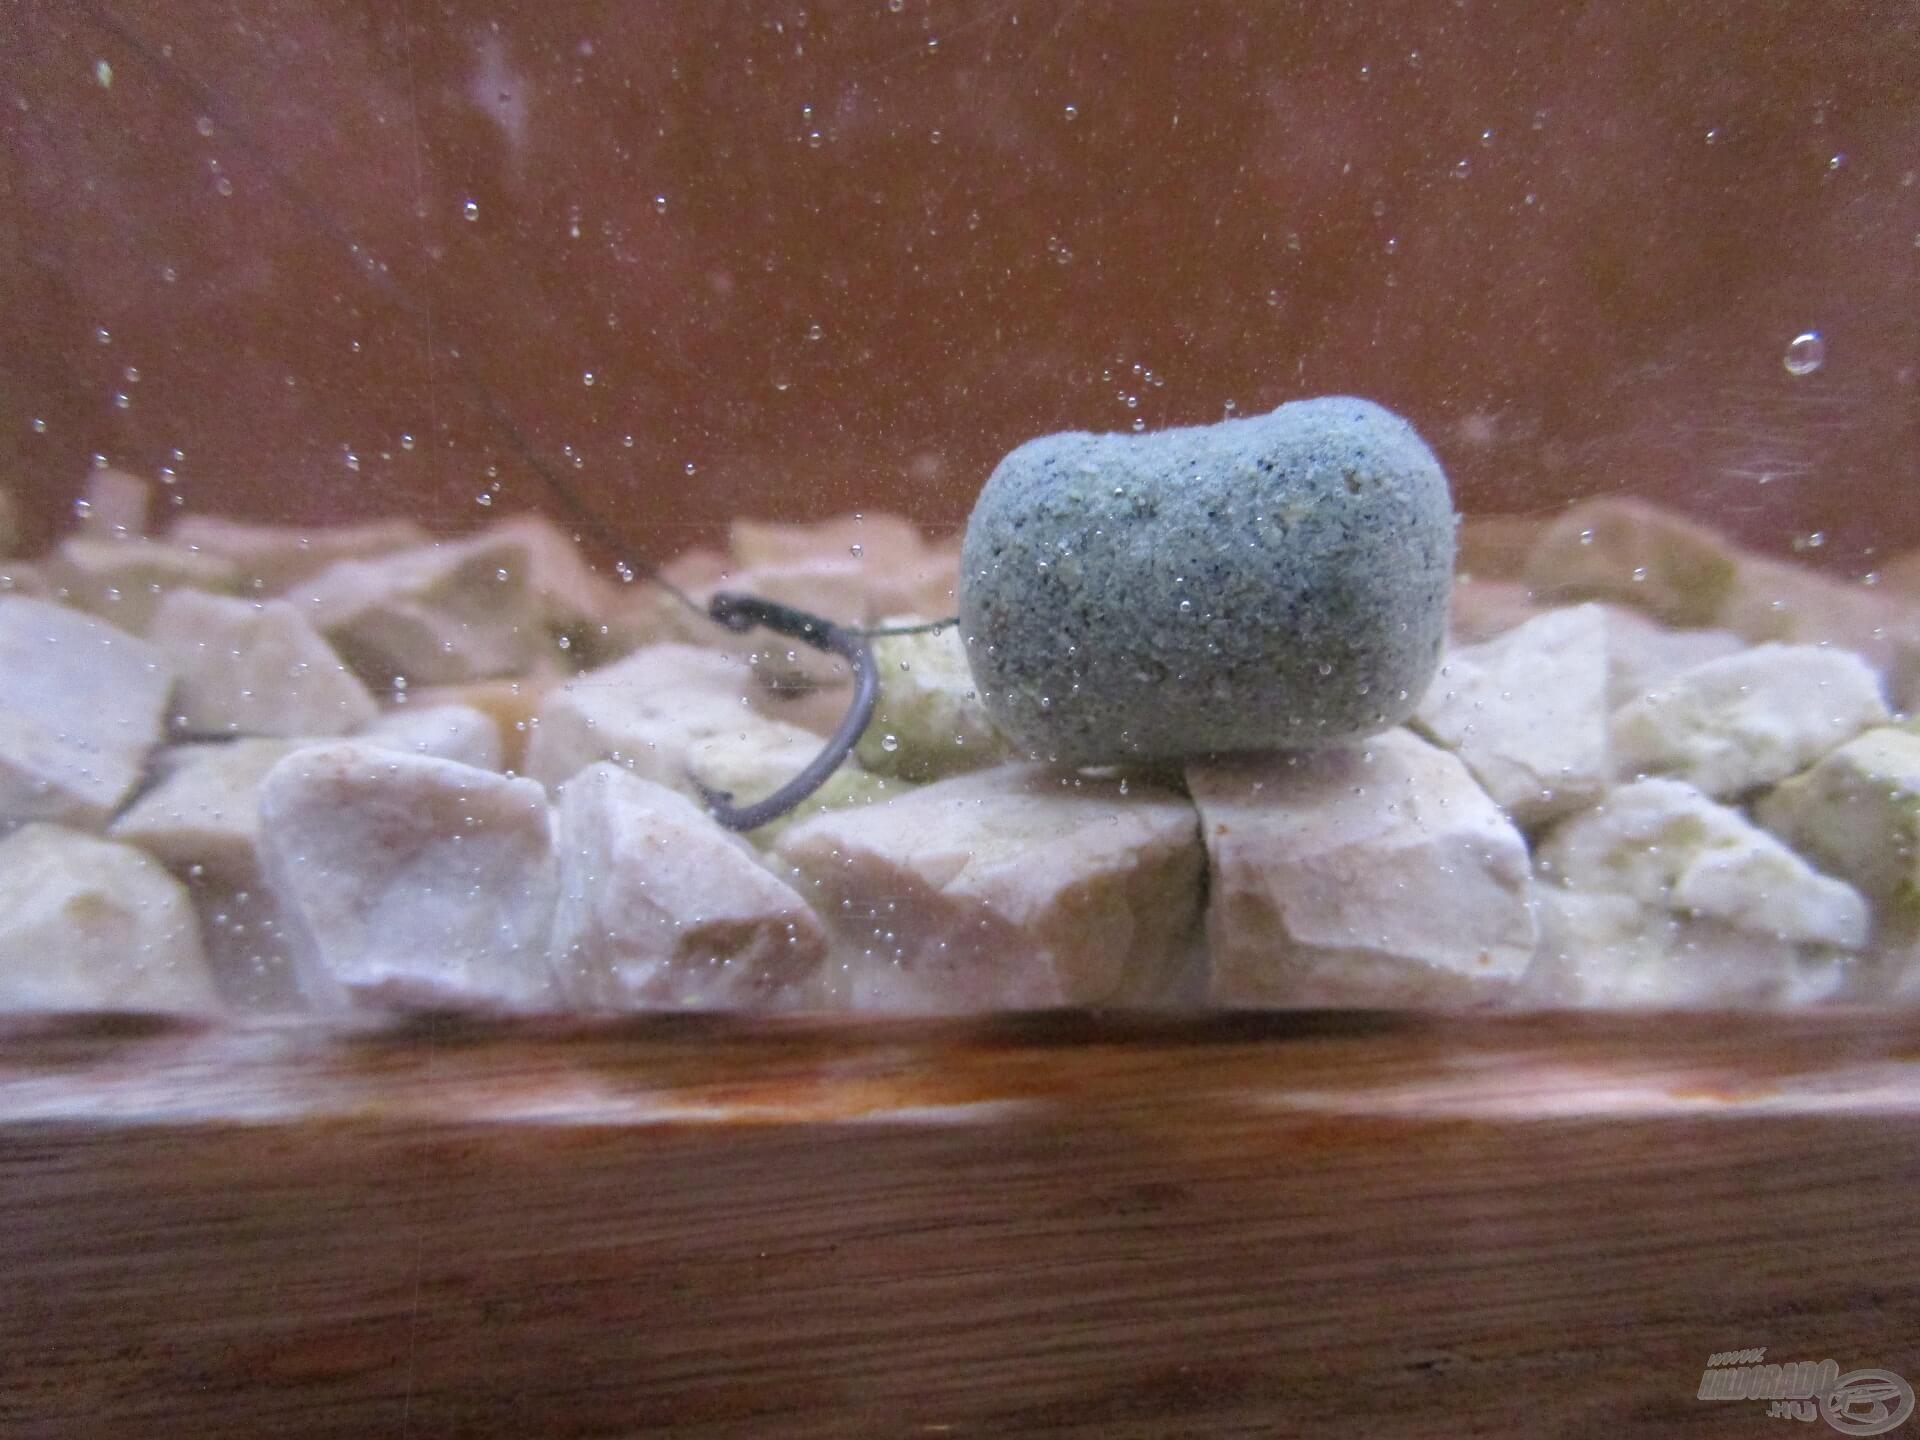 A fekvő csalik felkínálása a legegyszerűbb. A képen egy 6-os Korum horog van 15 mm-es tüskével és egy 18 mm-es oldódó csalival